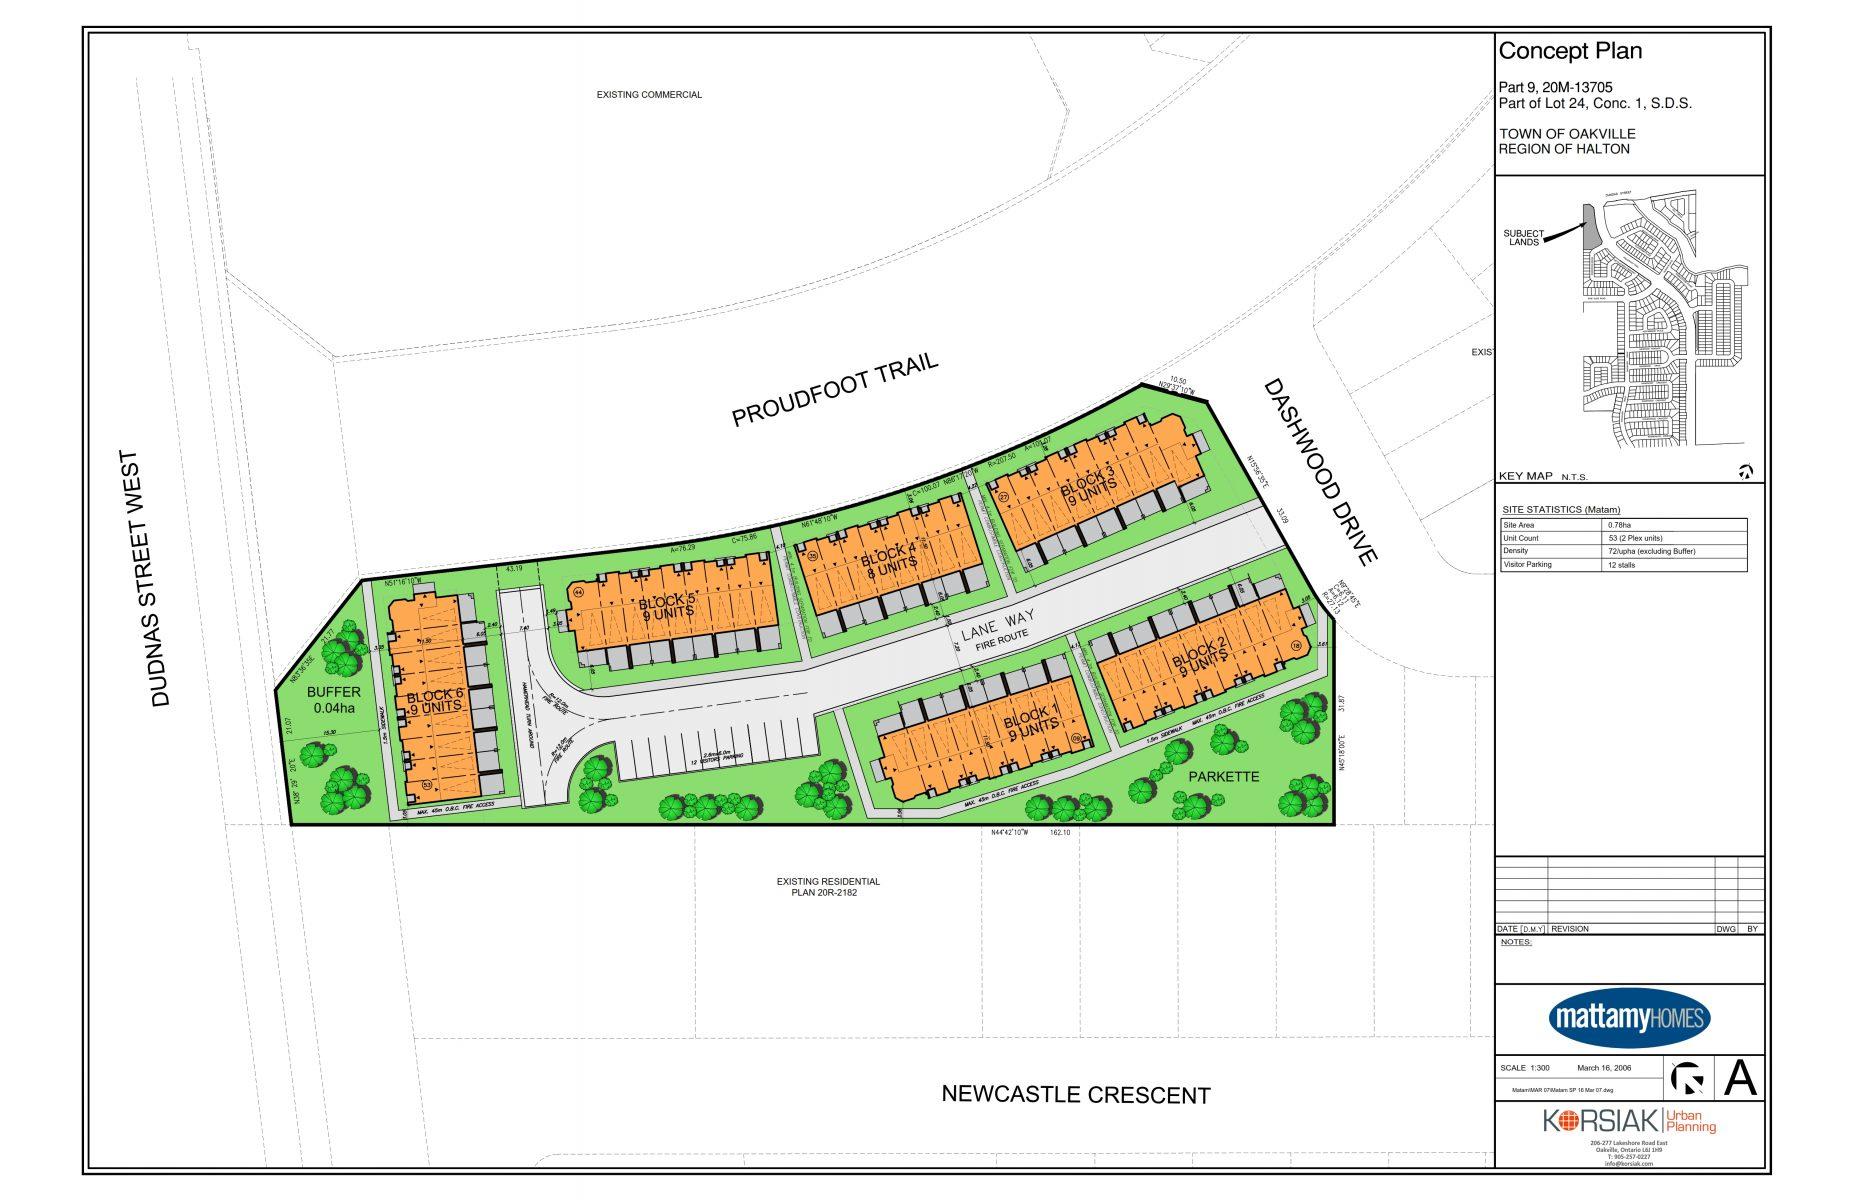 Korsiak Urban Planning - Oakville Portfolio - Proudfoot Trail, Infill Development - Oakville, Ontario